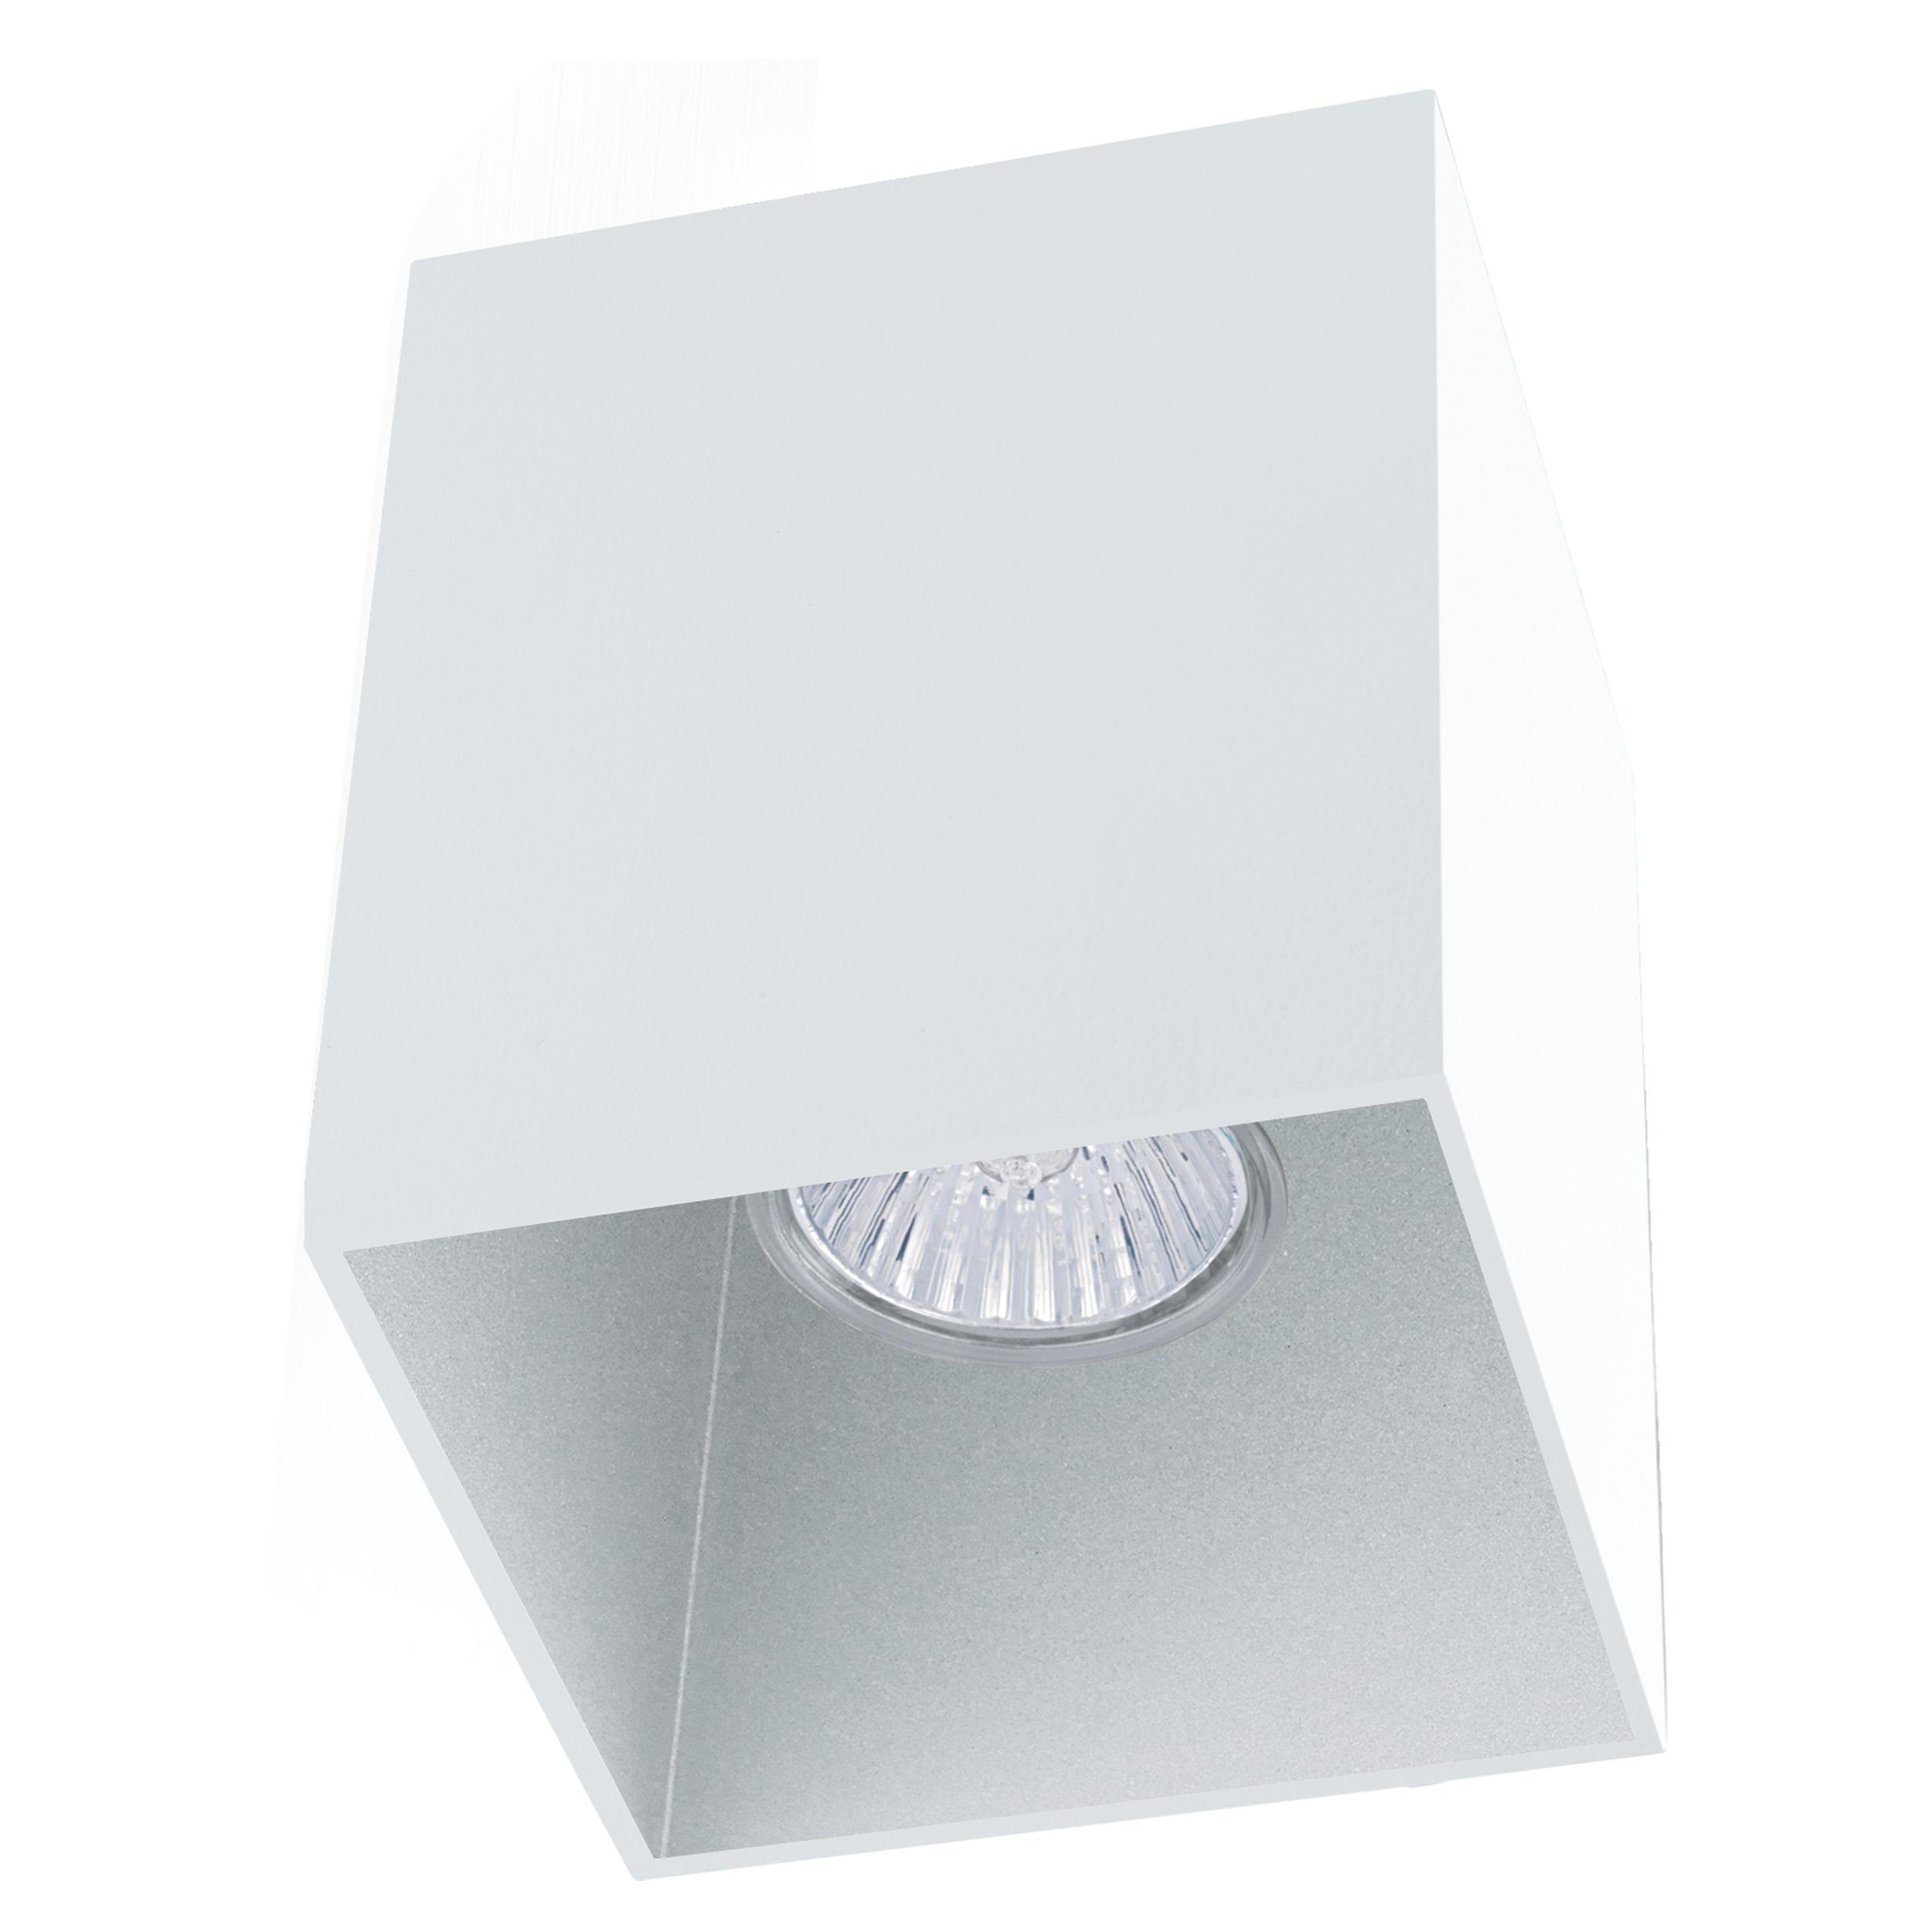 1 Stk Deckenleuchte Polasso eckig 35W weiß / silber IP20 LI62263---